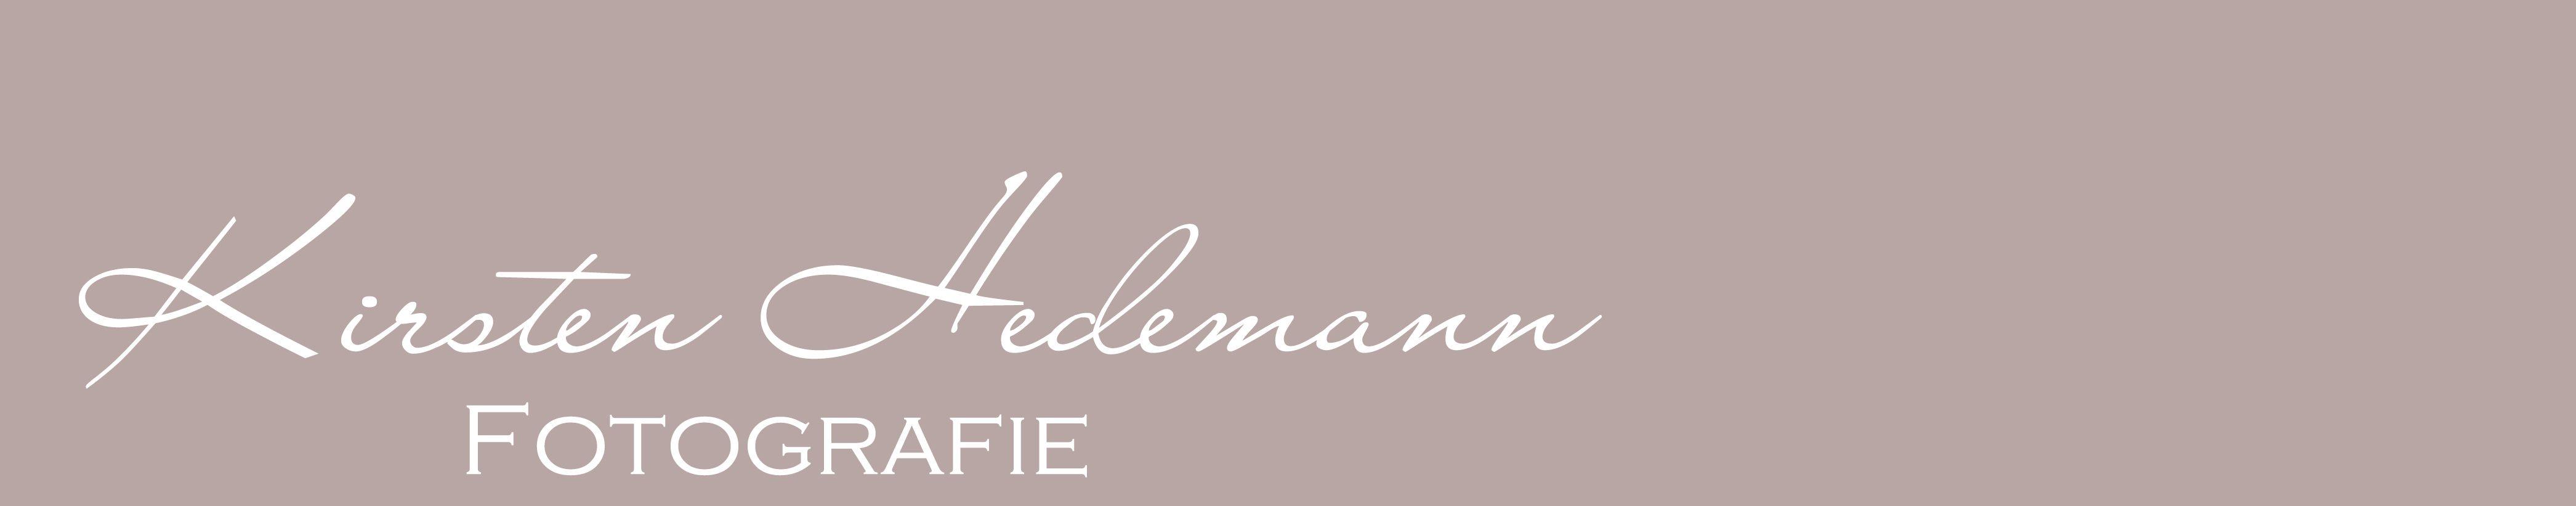 Natürliche Neugeborenenfotos in Nordenham, Babyfotografin Nordenham, Babyfotos Bremerhaven, Babyfotos Brake, Babyfotos Oldenburg, Neugeborenenfotos Nordenham, Babyfotos Nordenham